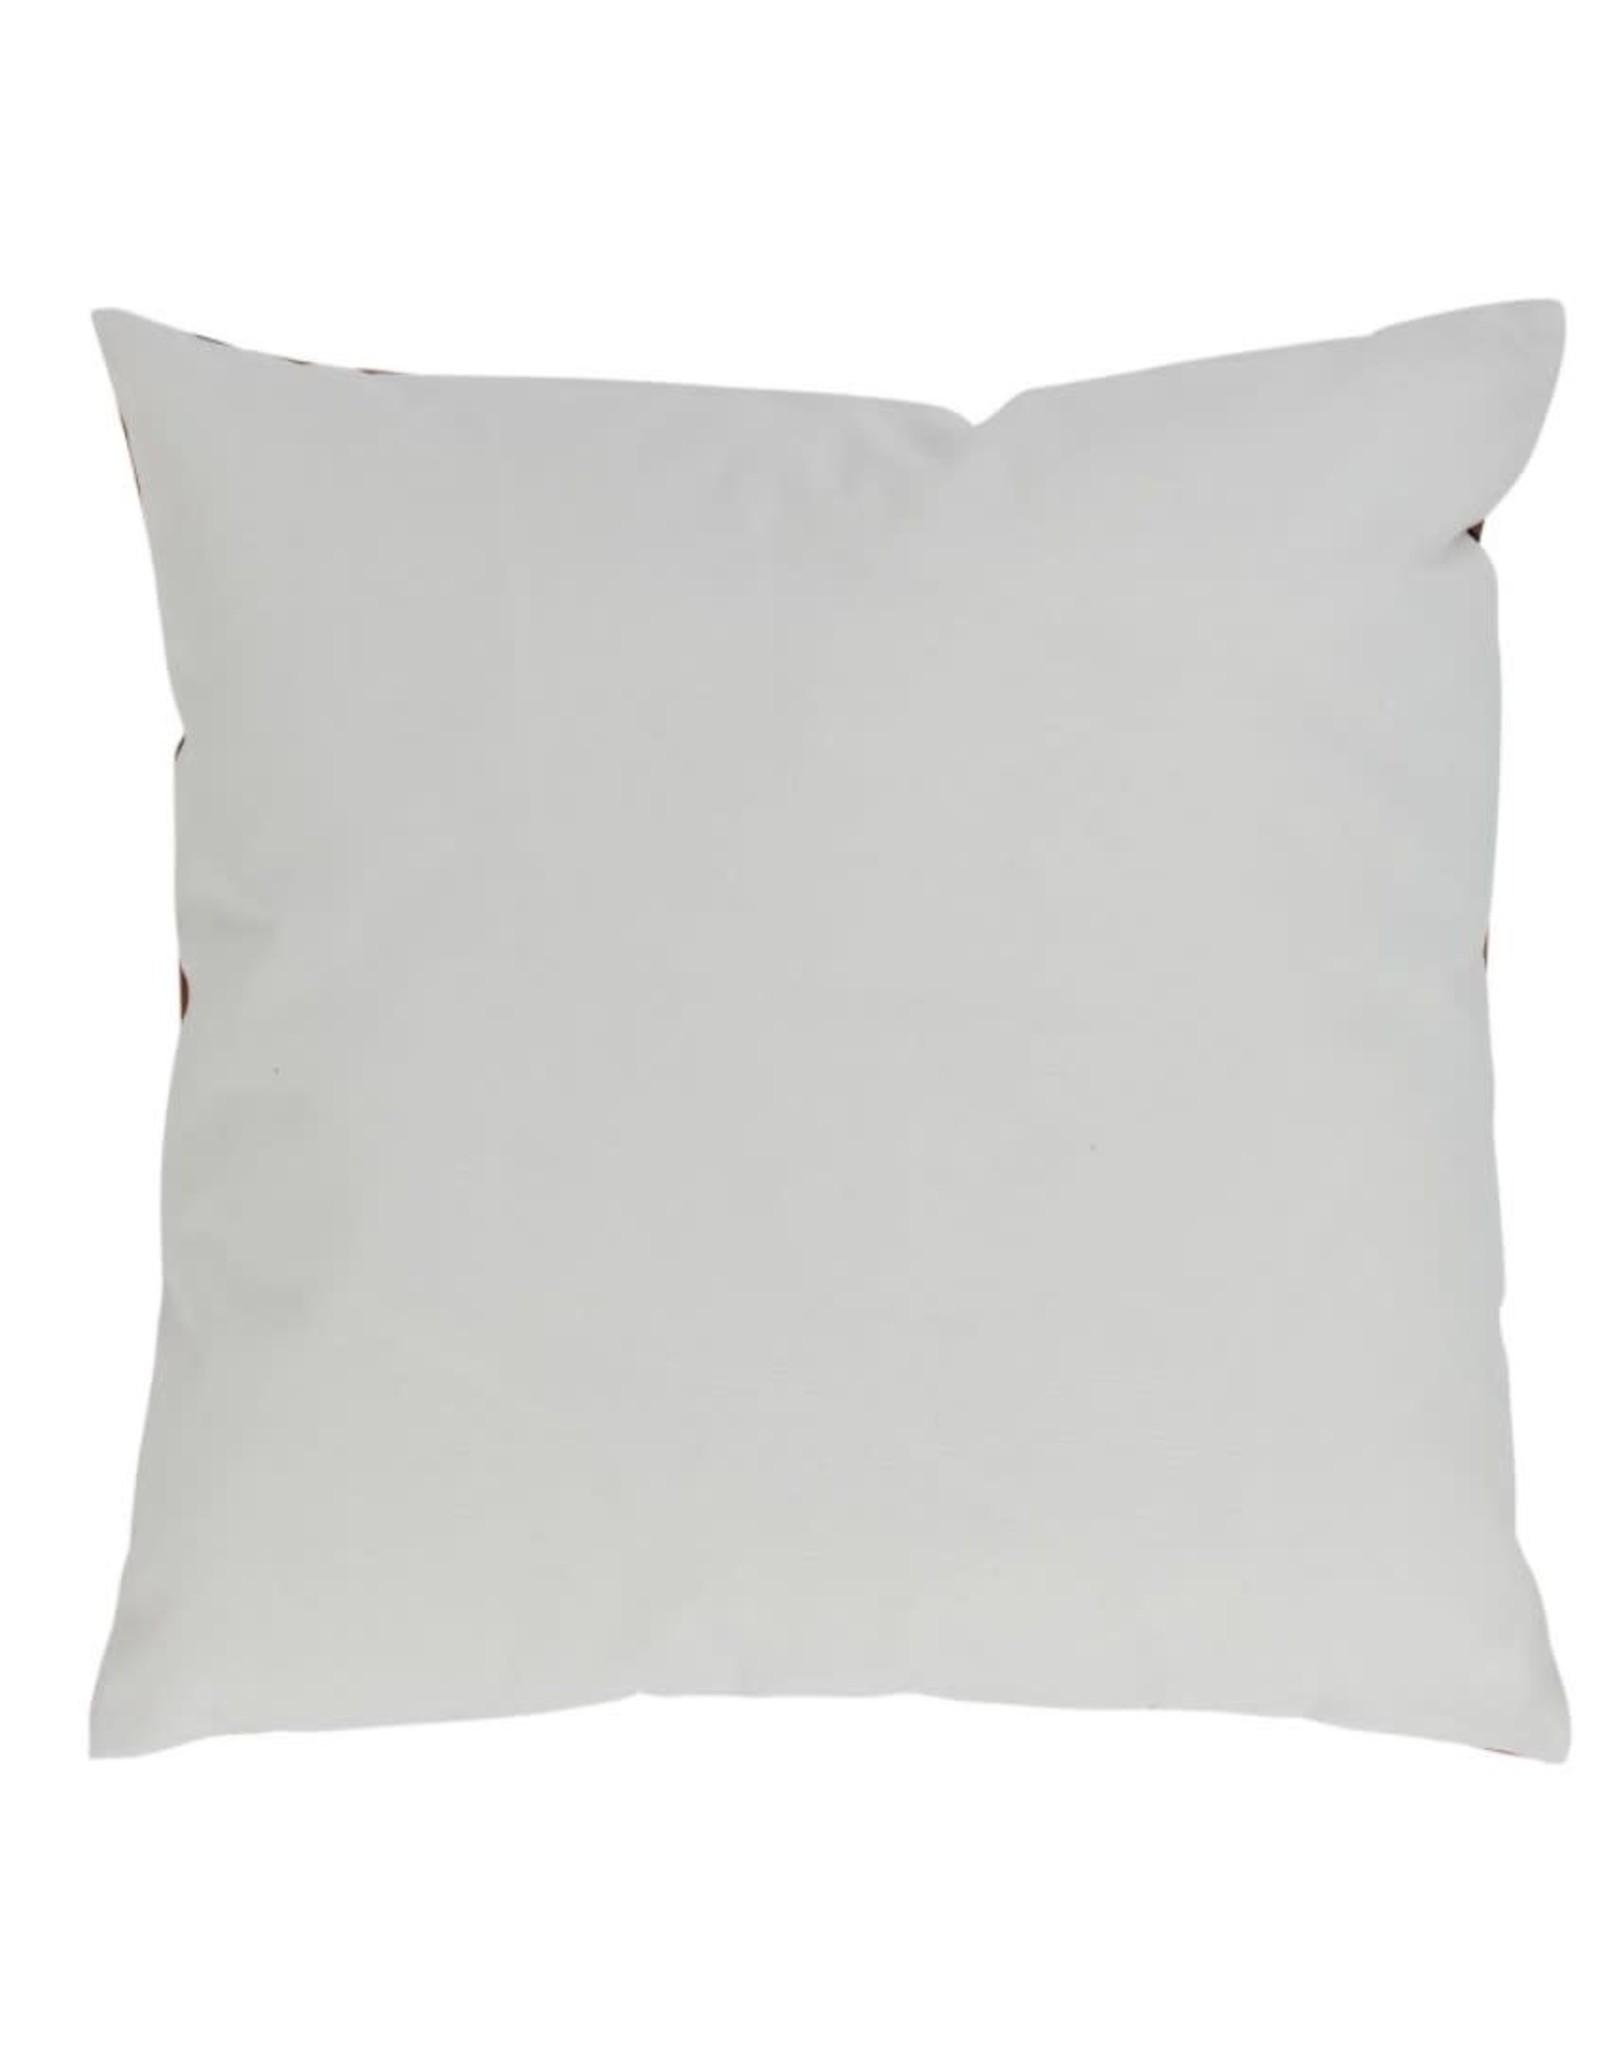 Nood Cheetah Outdoor Cushion 45x45cm Terracotta  - Atlantic  Designs